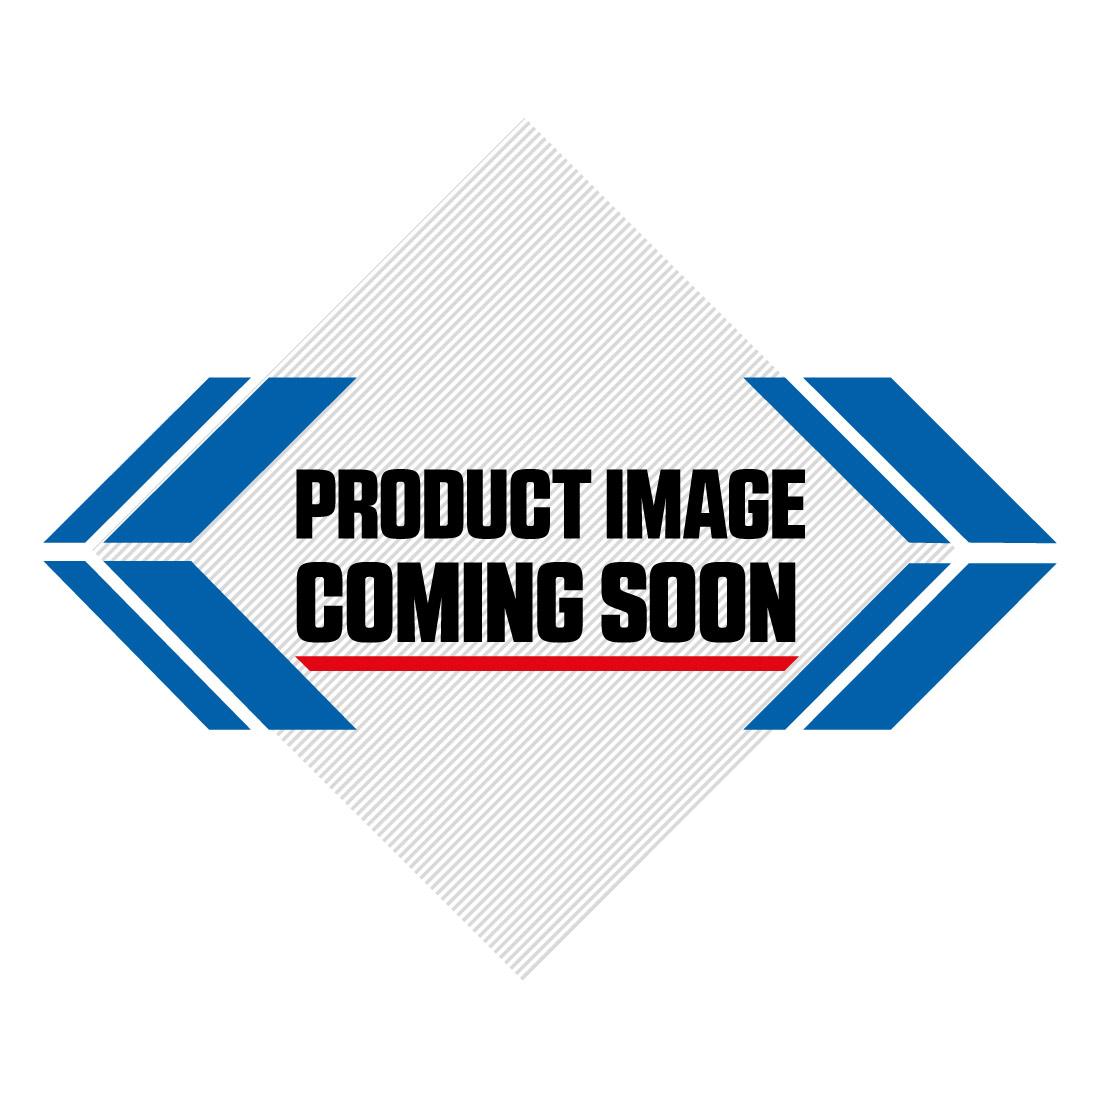 Husqvarna Plastic Kit OEM Factory (07-08) Image-2>